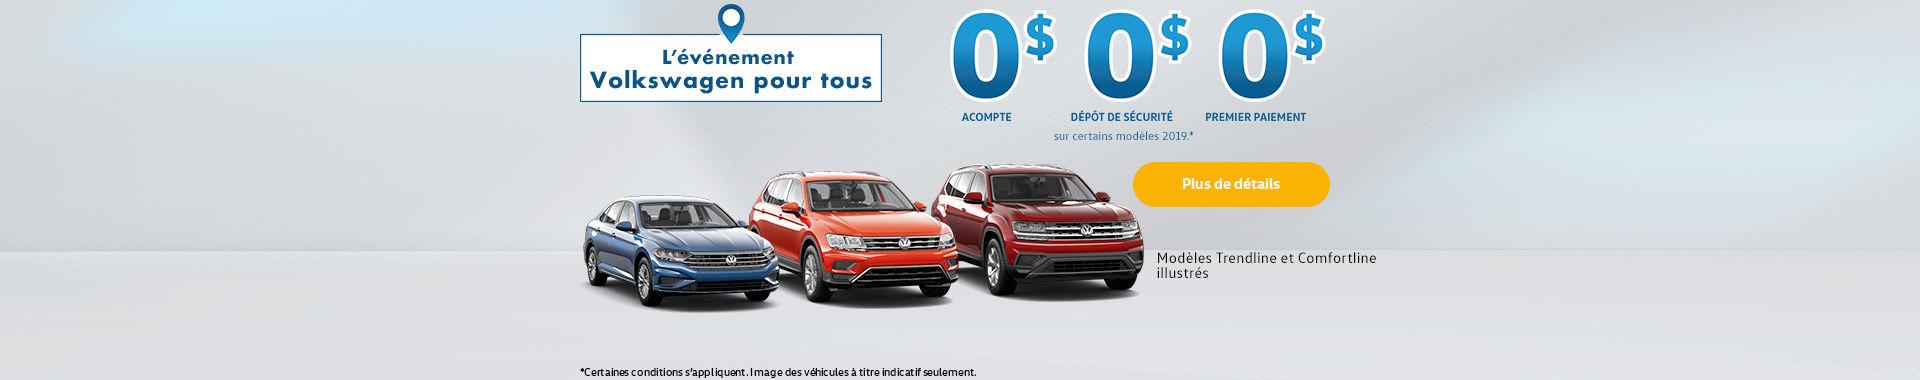 Volkswagen événement pour tous